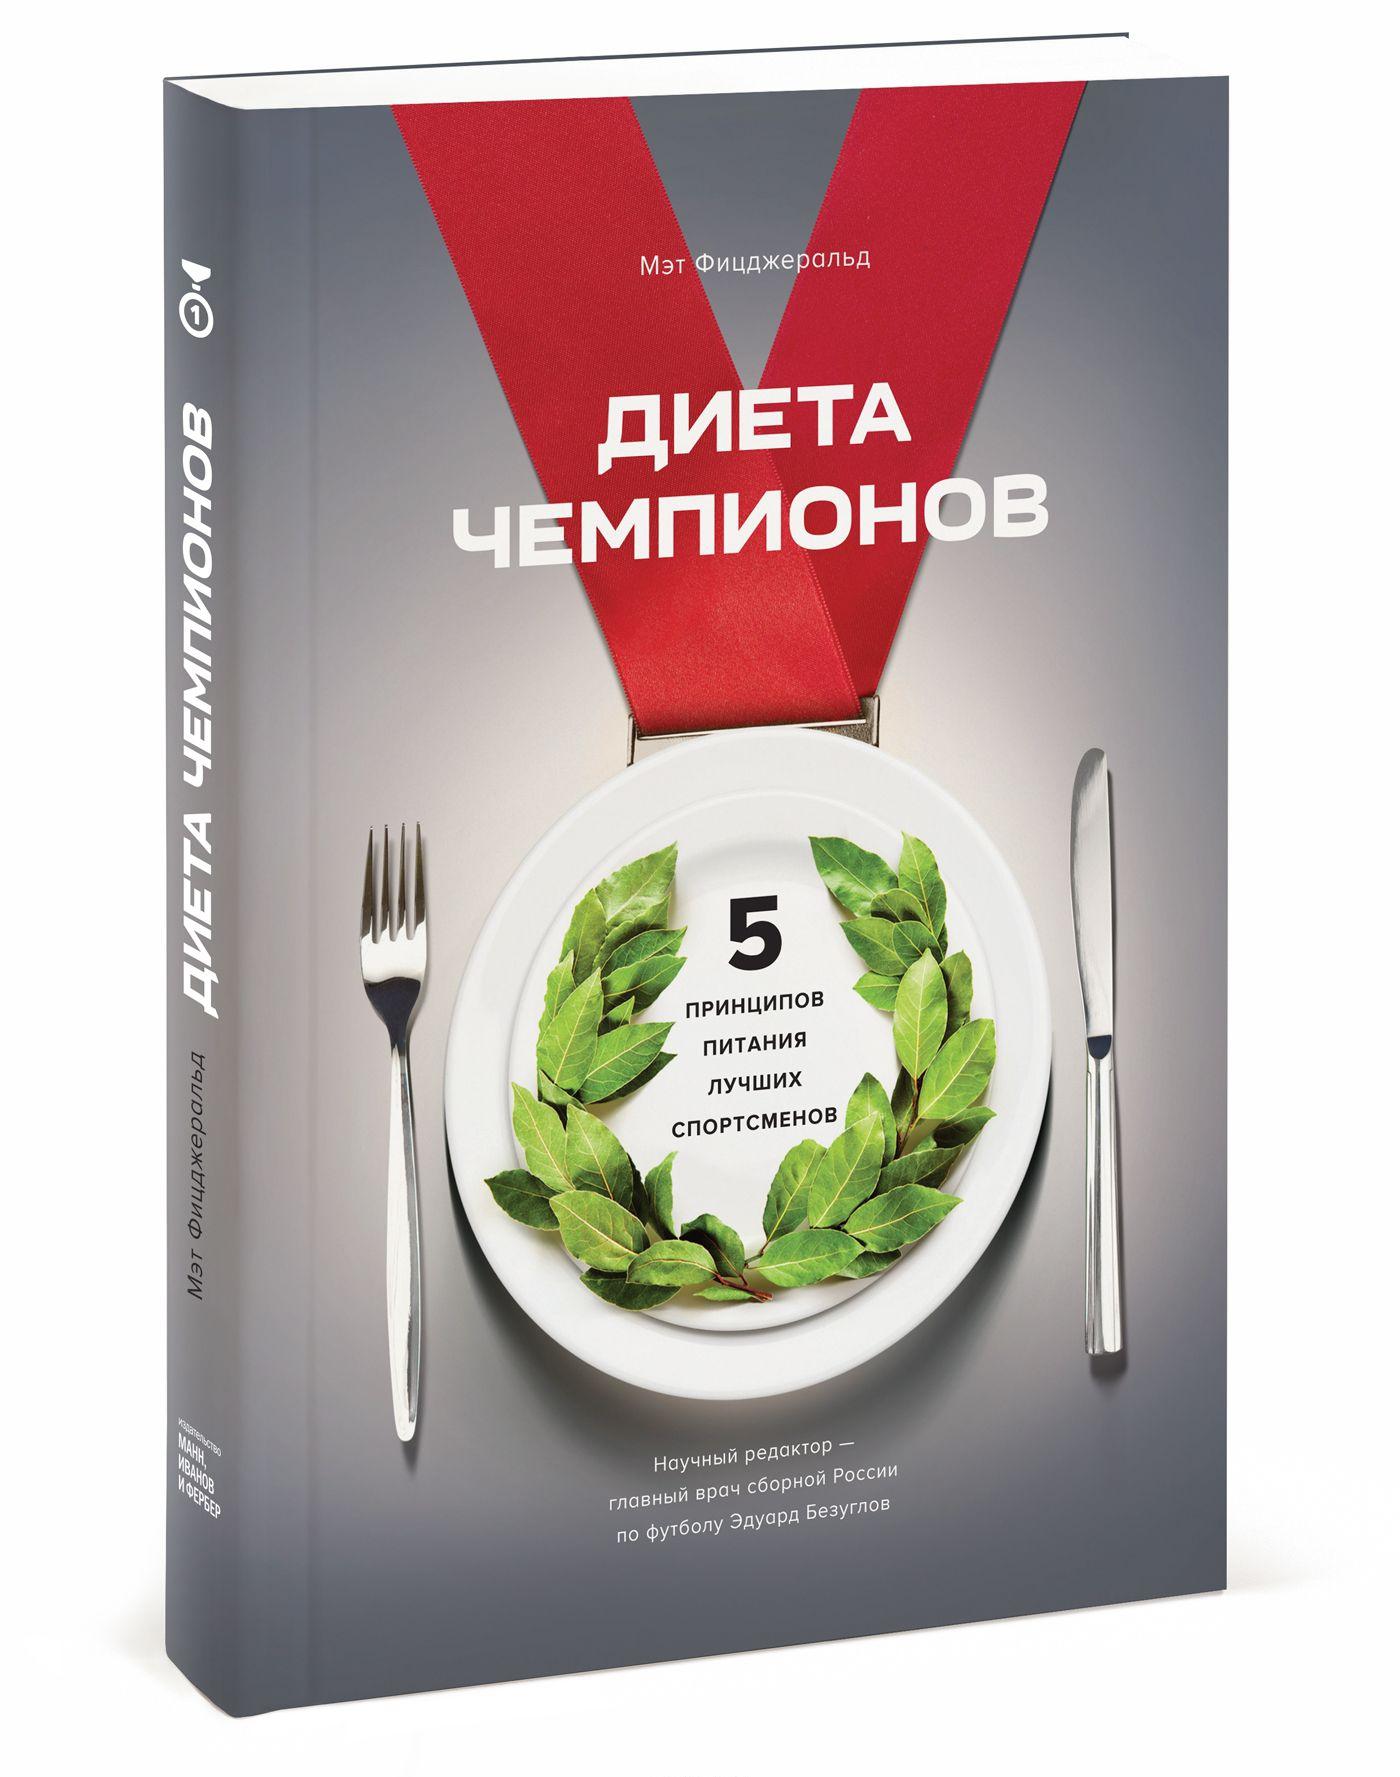 Dieta chempionov. 5 printsipov pitanija luchshikh sportsmenov